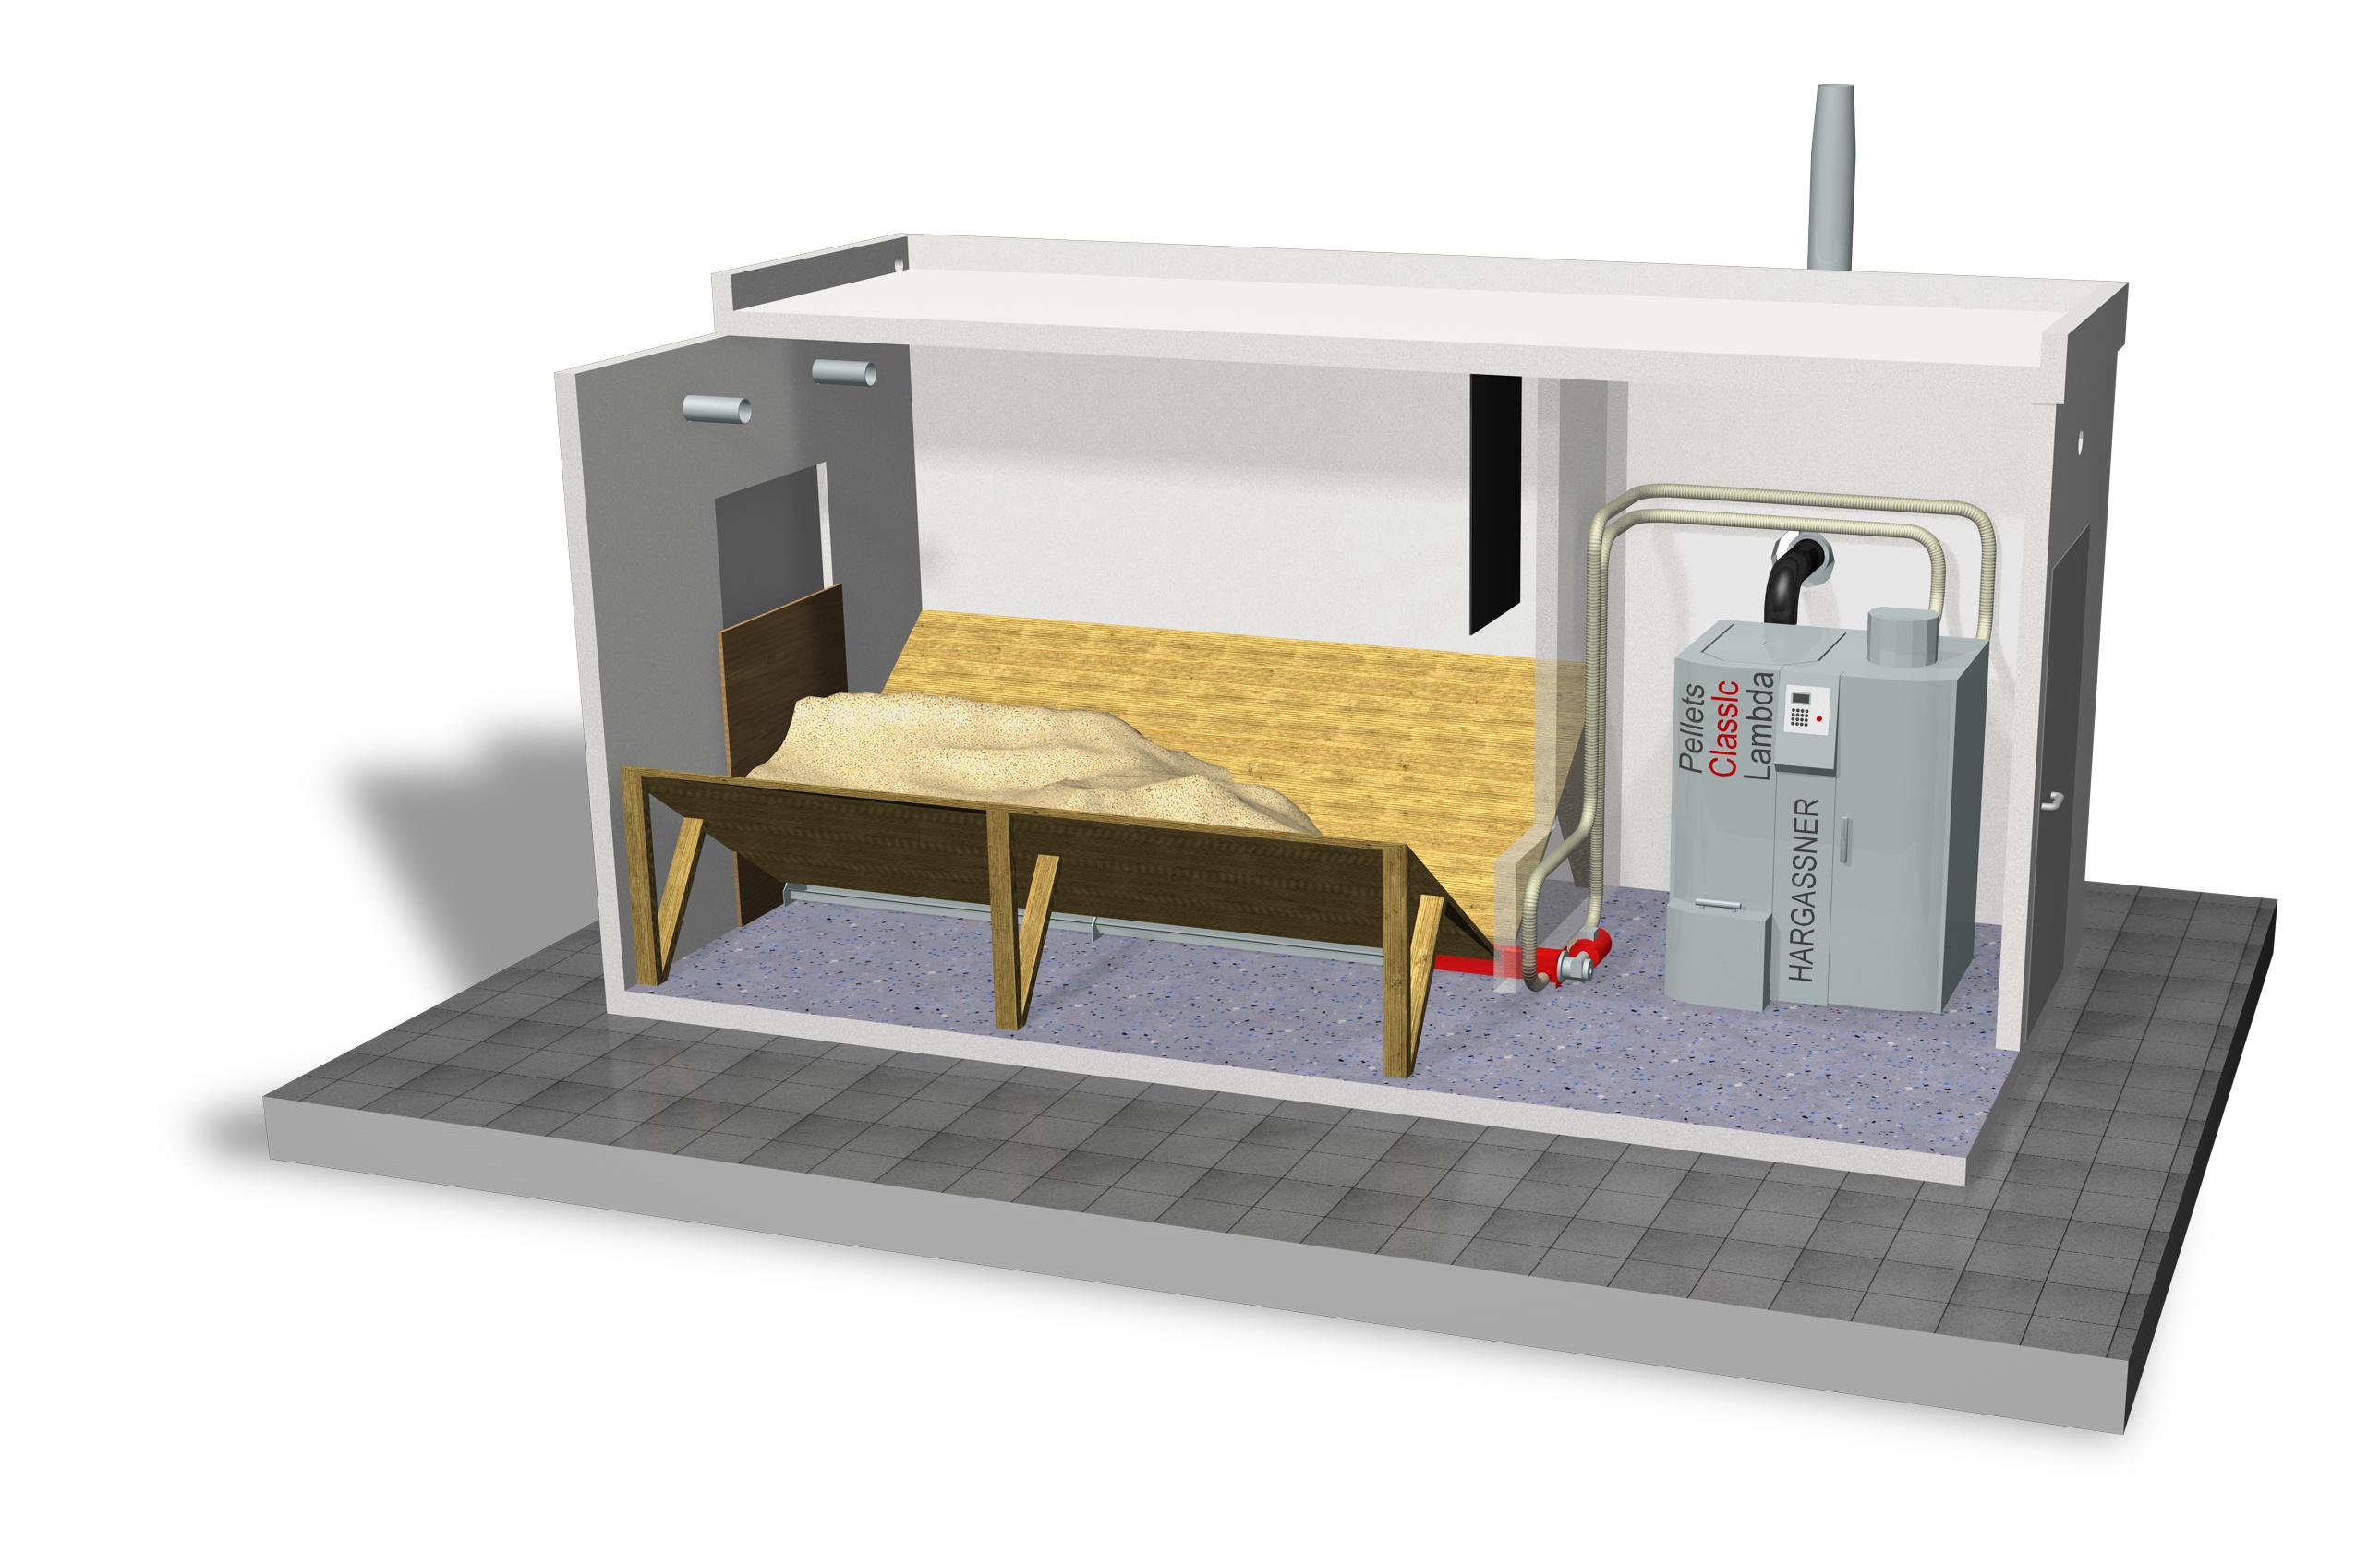 hargassner pelletheizung preise klimaanlage und heizung zu hause. Black Bedroom Furniture Sets. Home Design Ideas